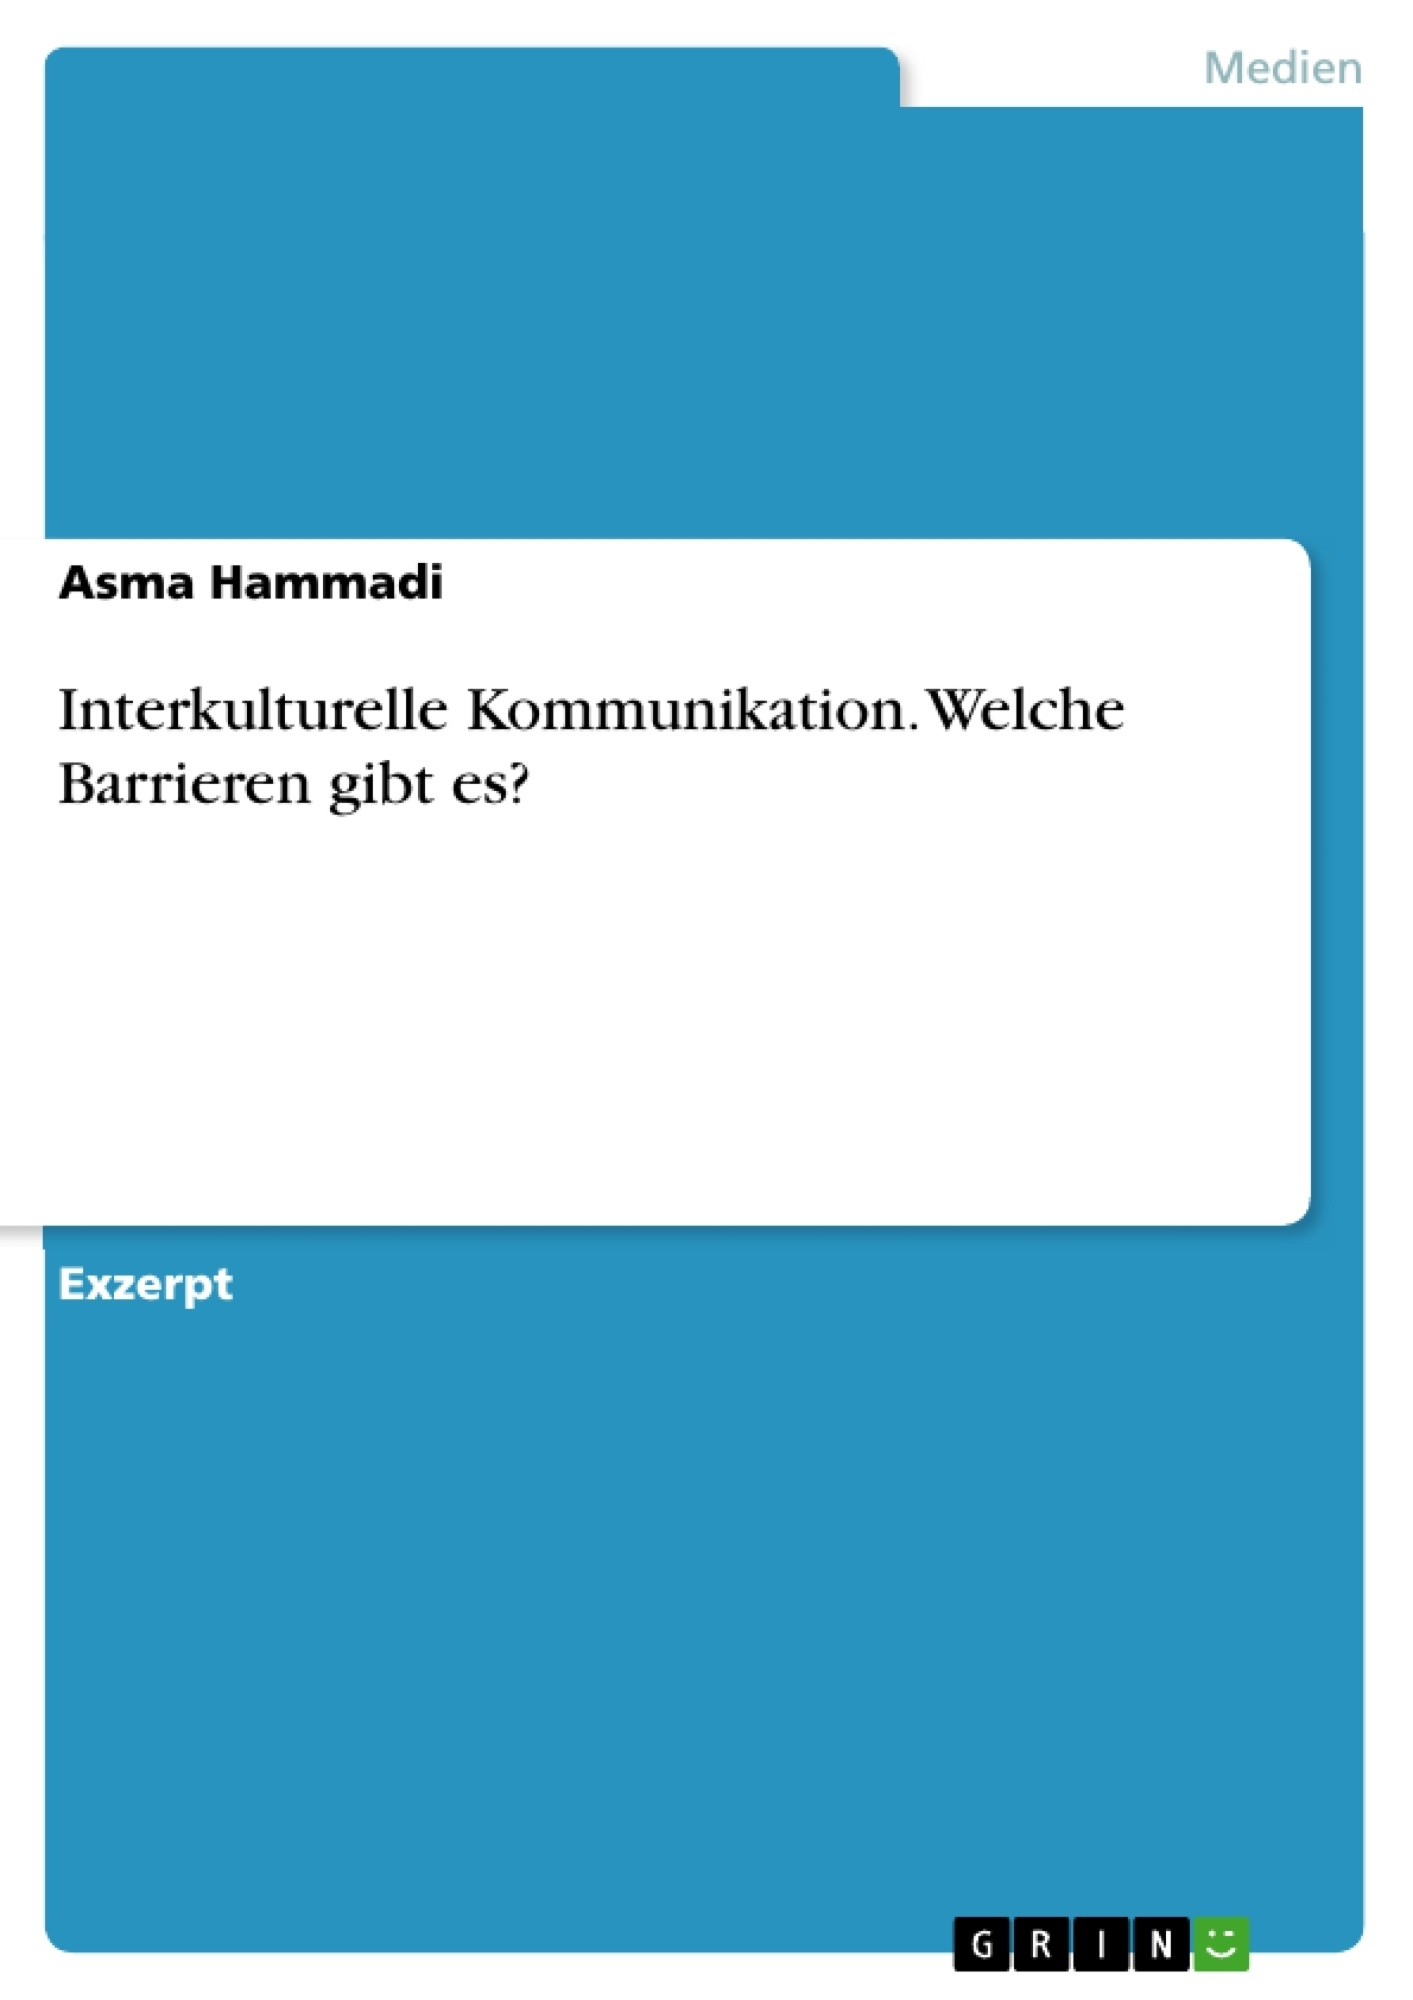 Titel: Interkulturelle Kommunikation. Welche Barrieren gibt es?